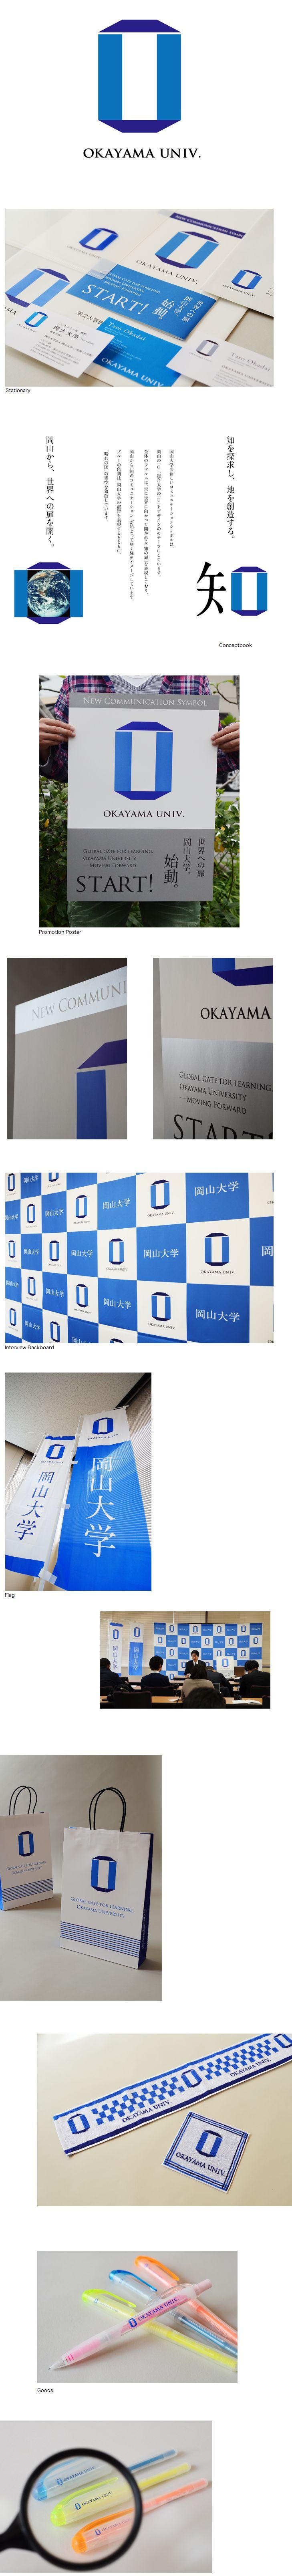 岡山大学コミュニケーションシンボルデザイン&ビジュアルアイデンティティデザイン